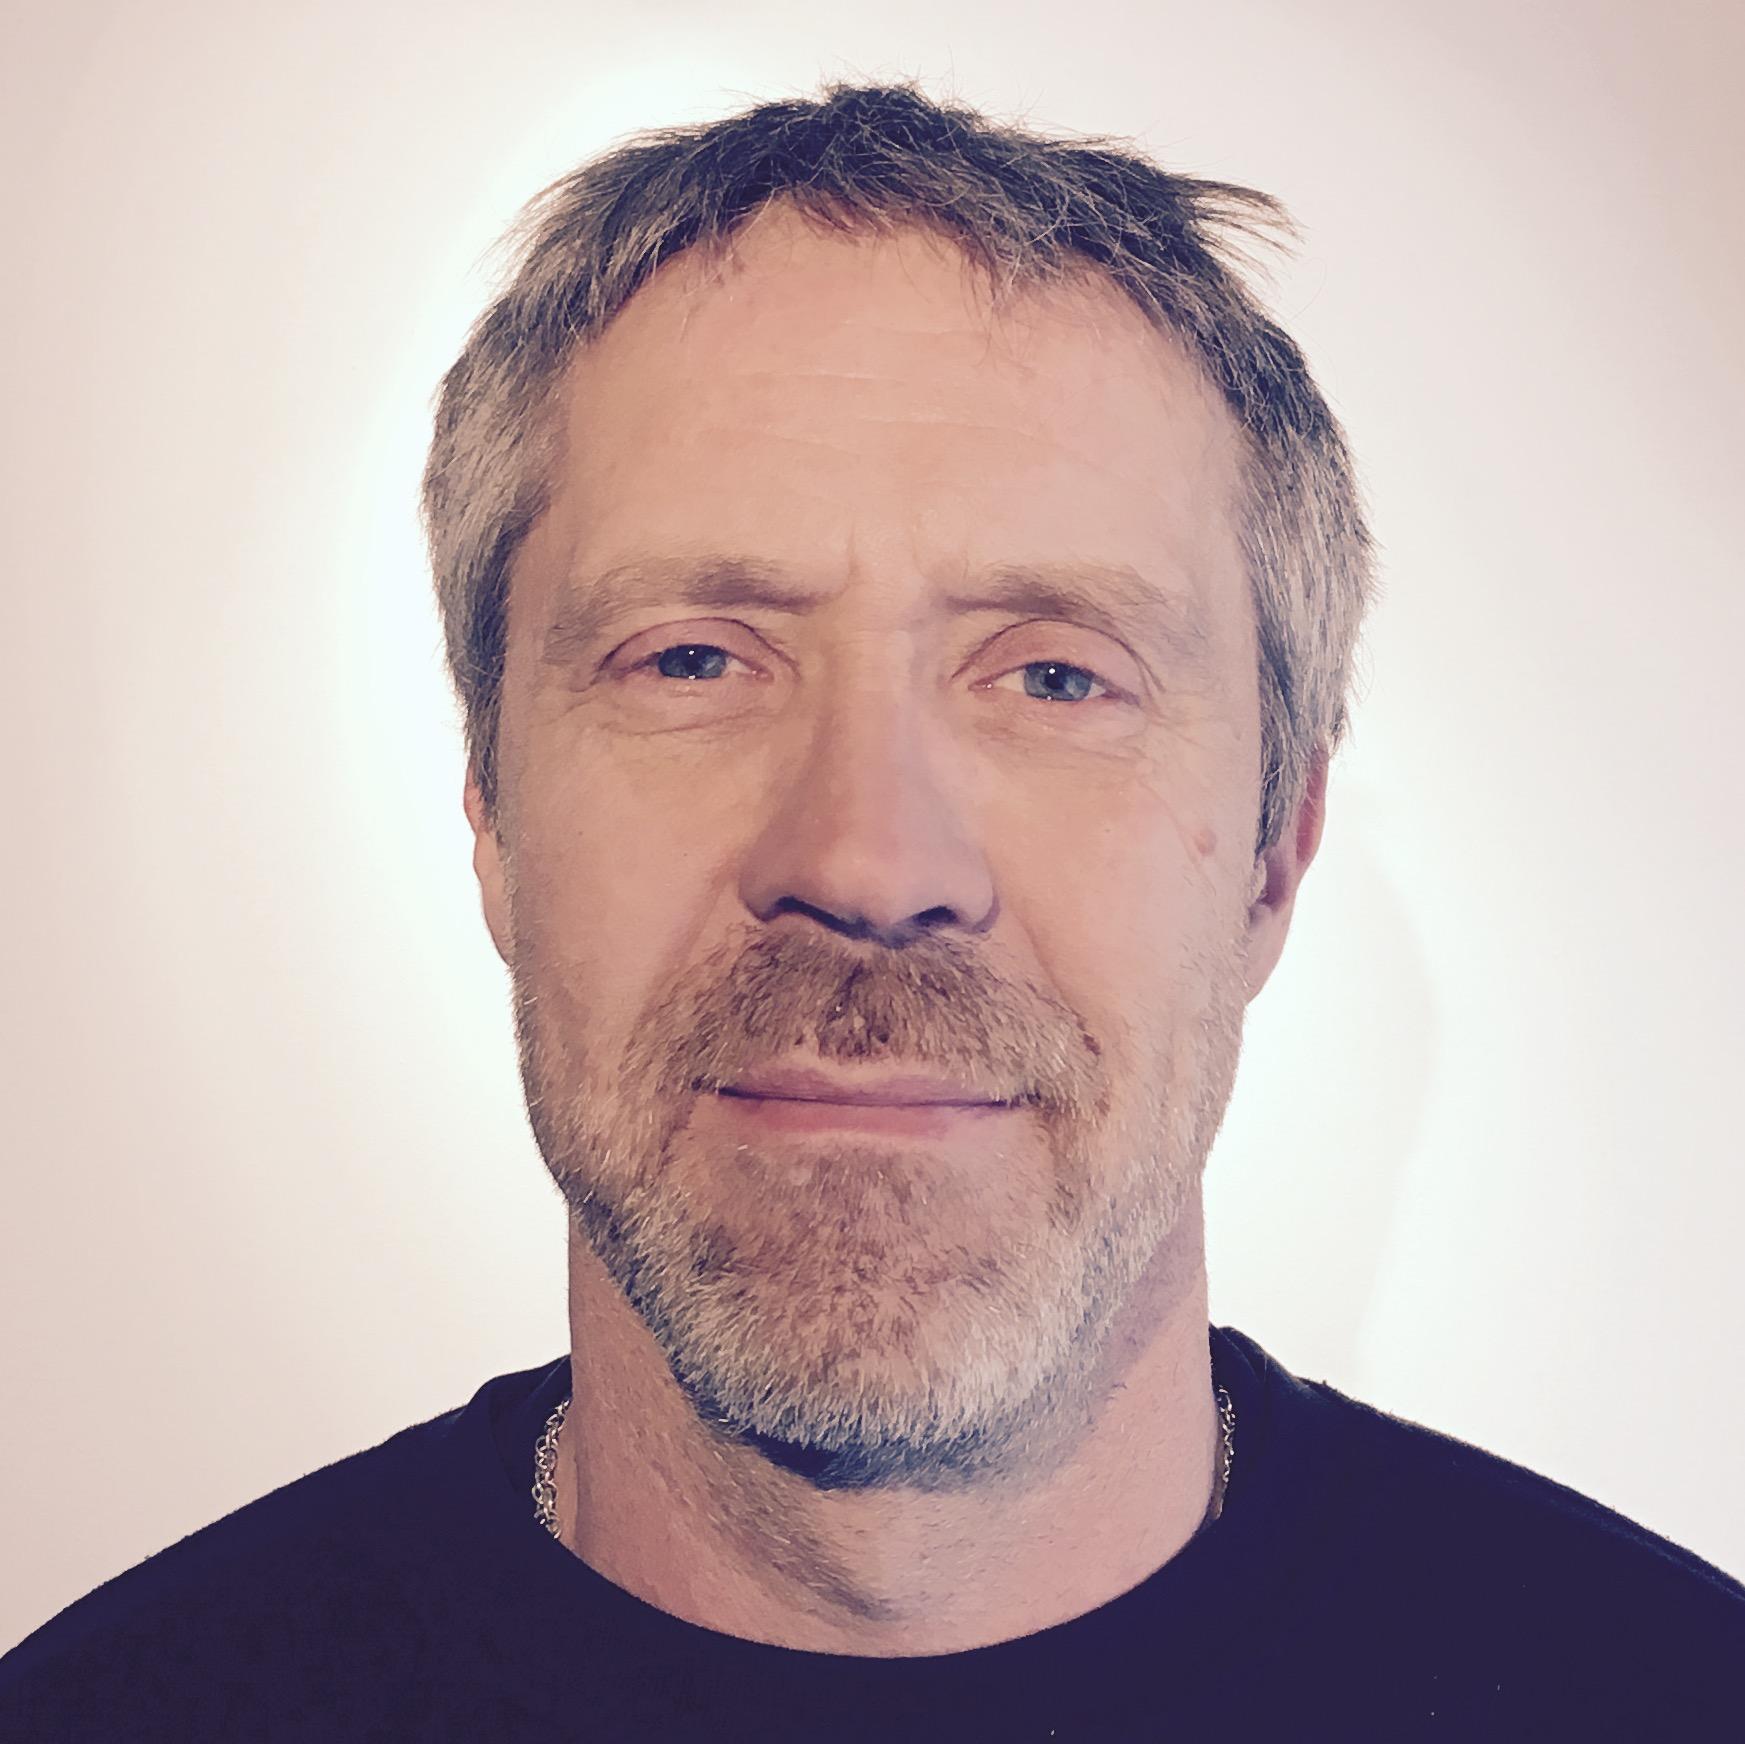 Henning Thiim